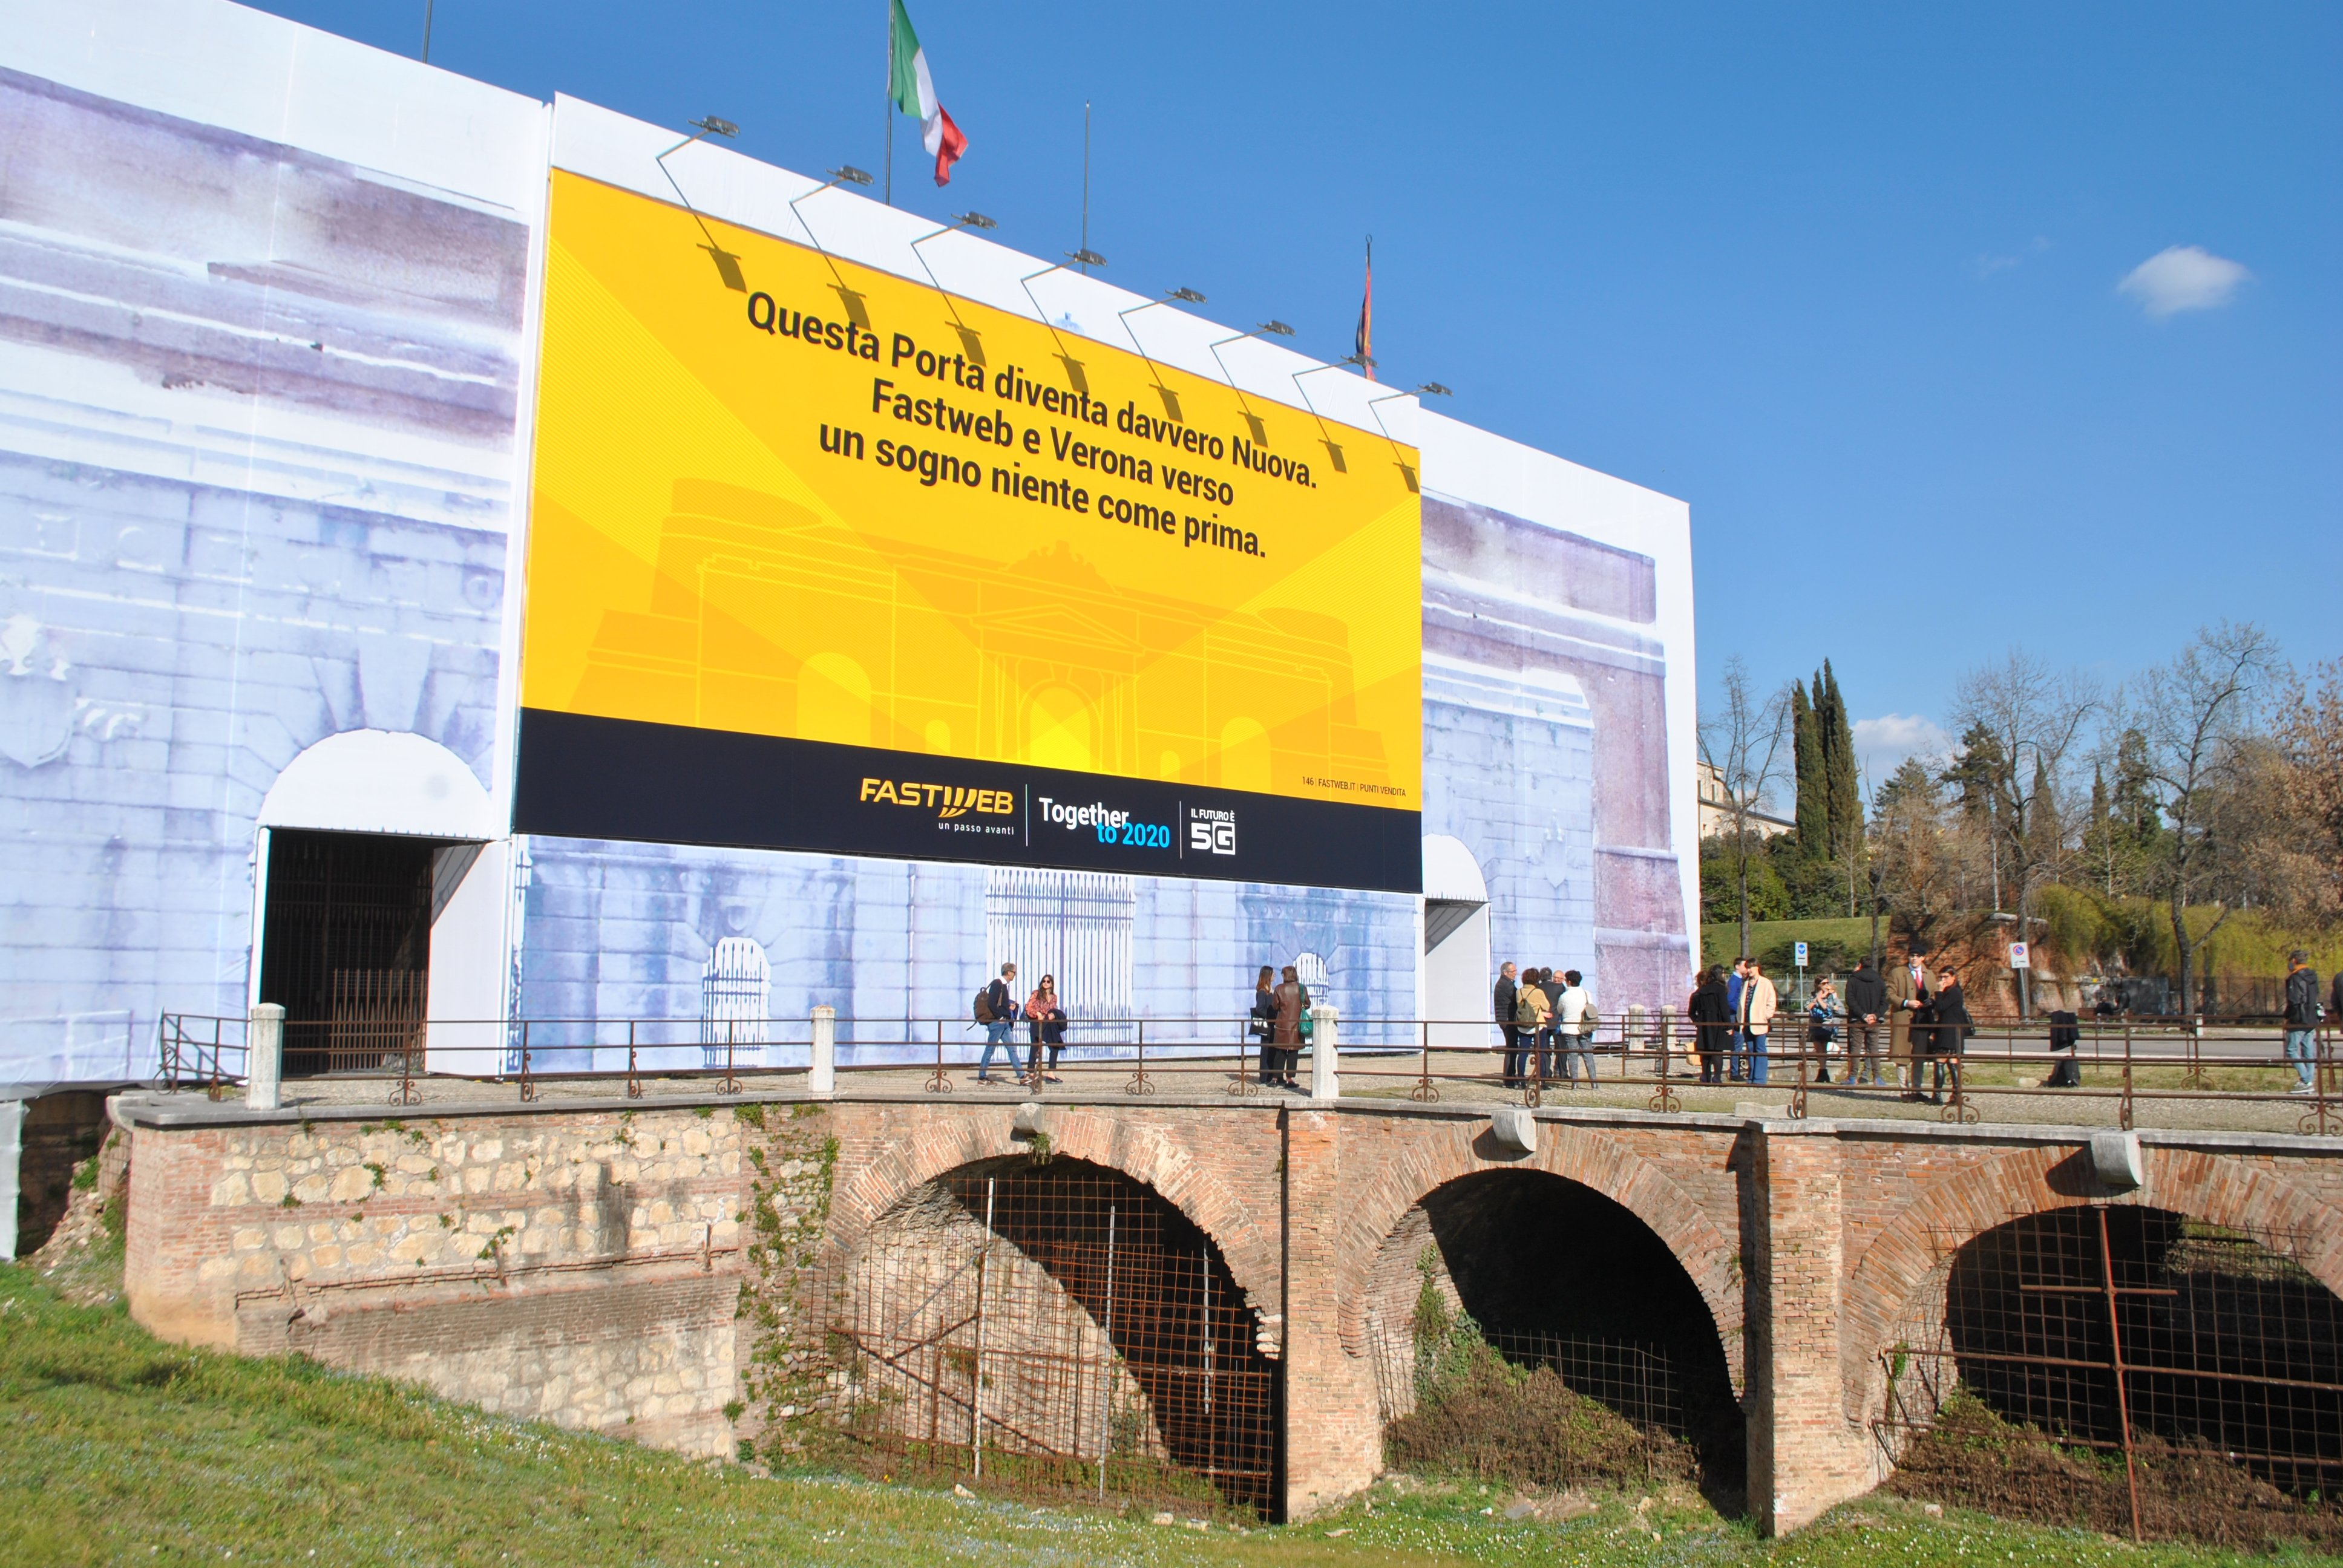 Restauro di Porta Nuova: quali sono gli sponsor - Daily ...